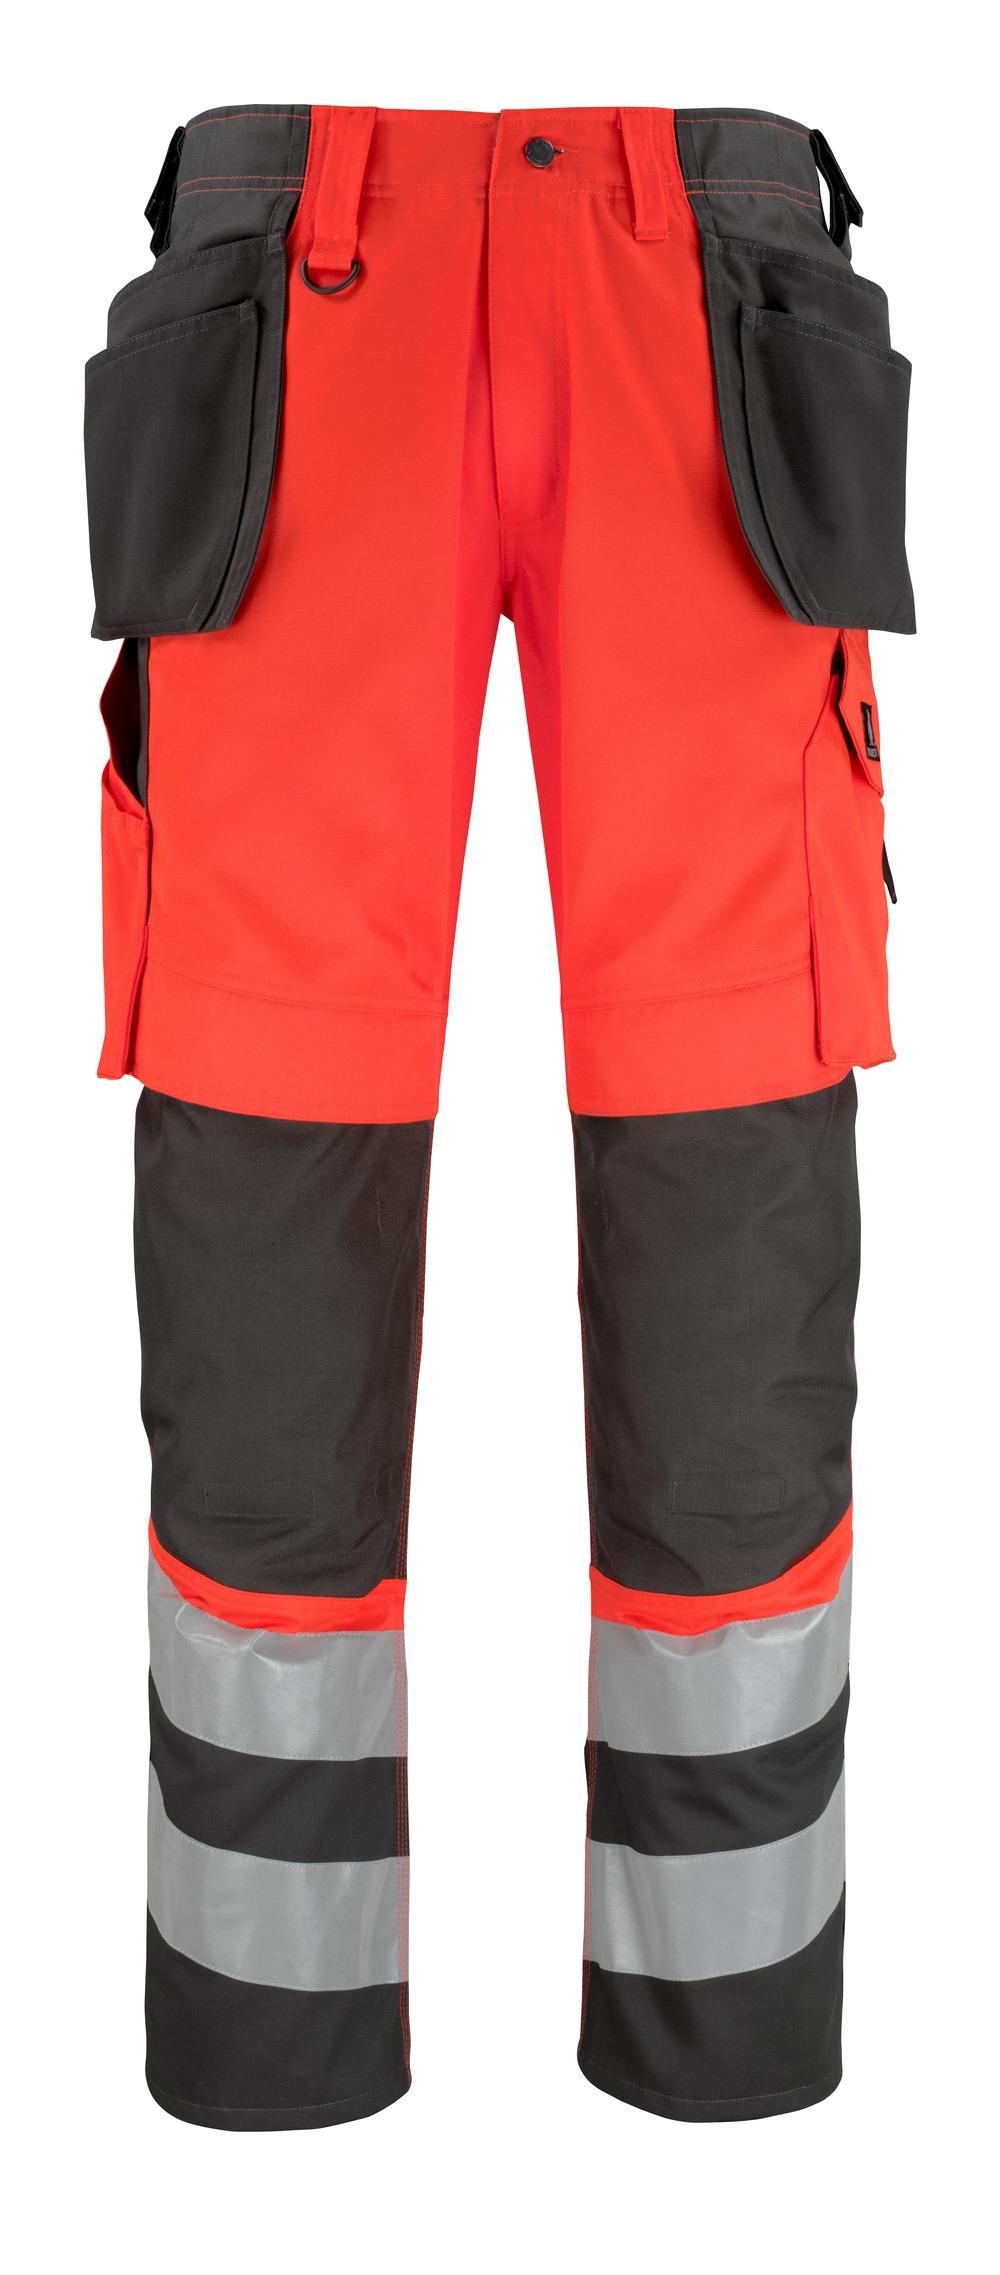 14931-860-A49 Bukser med knæ- og hængelommer - hi-vis rød/mørk antracit